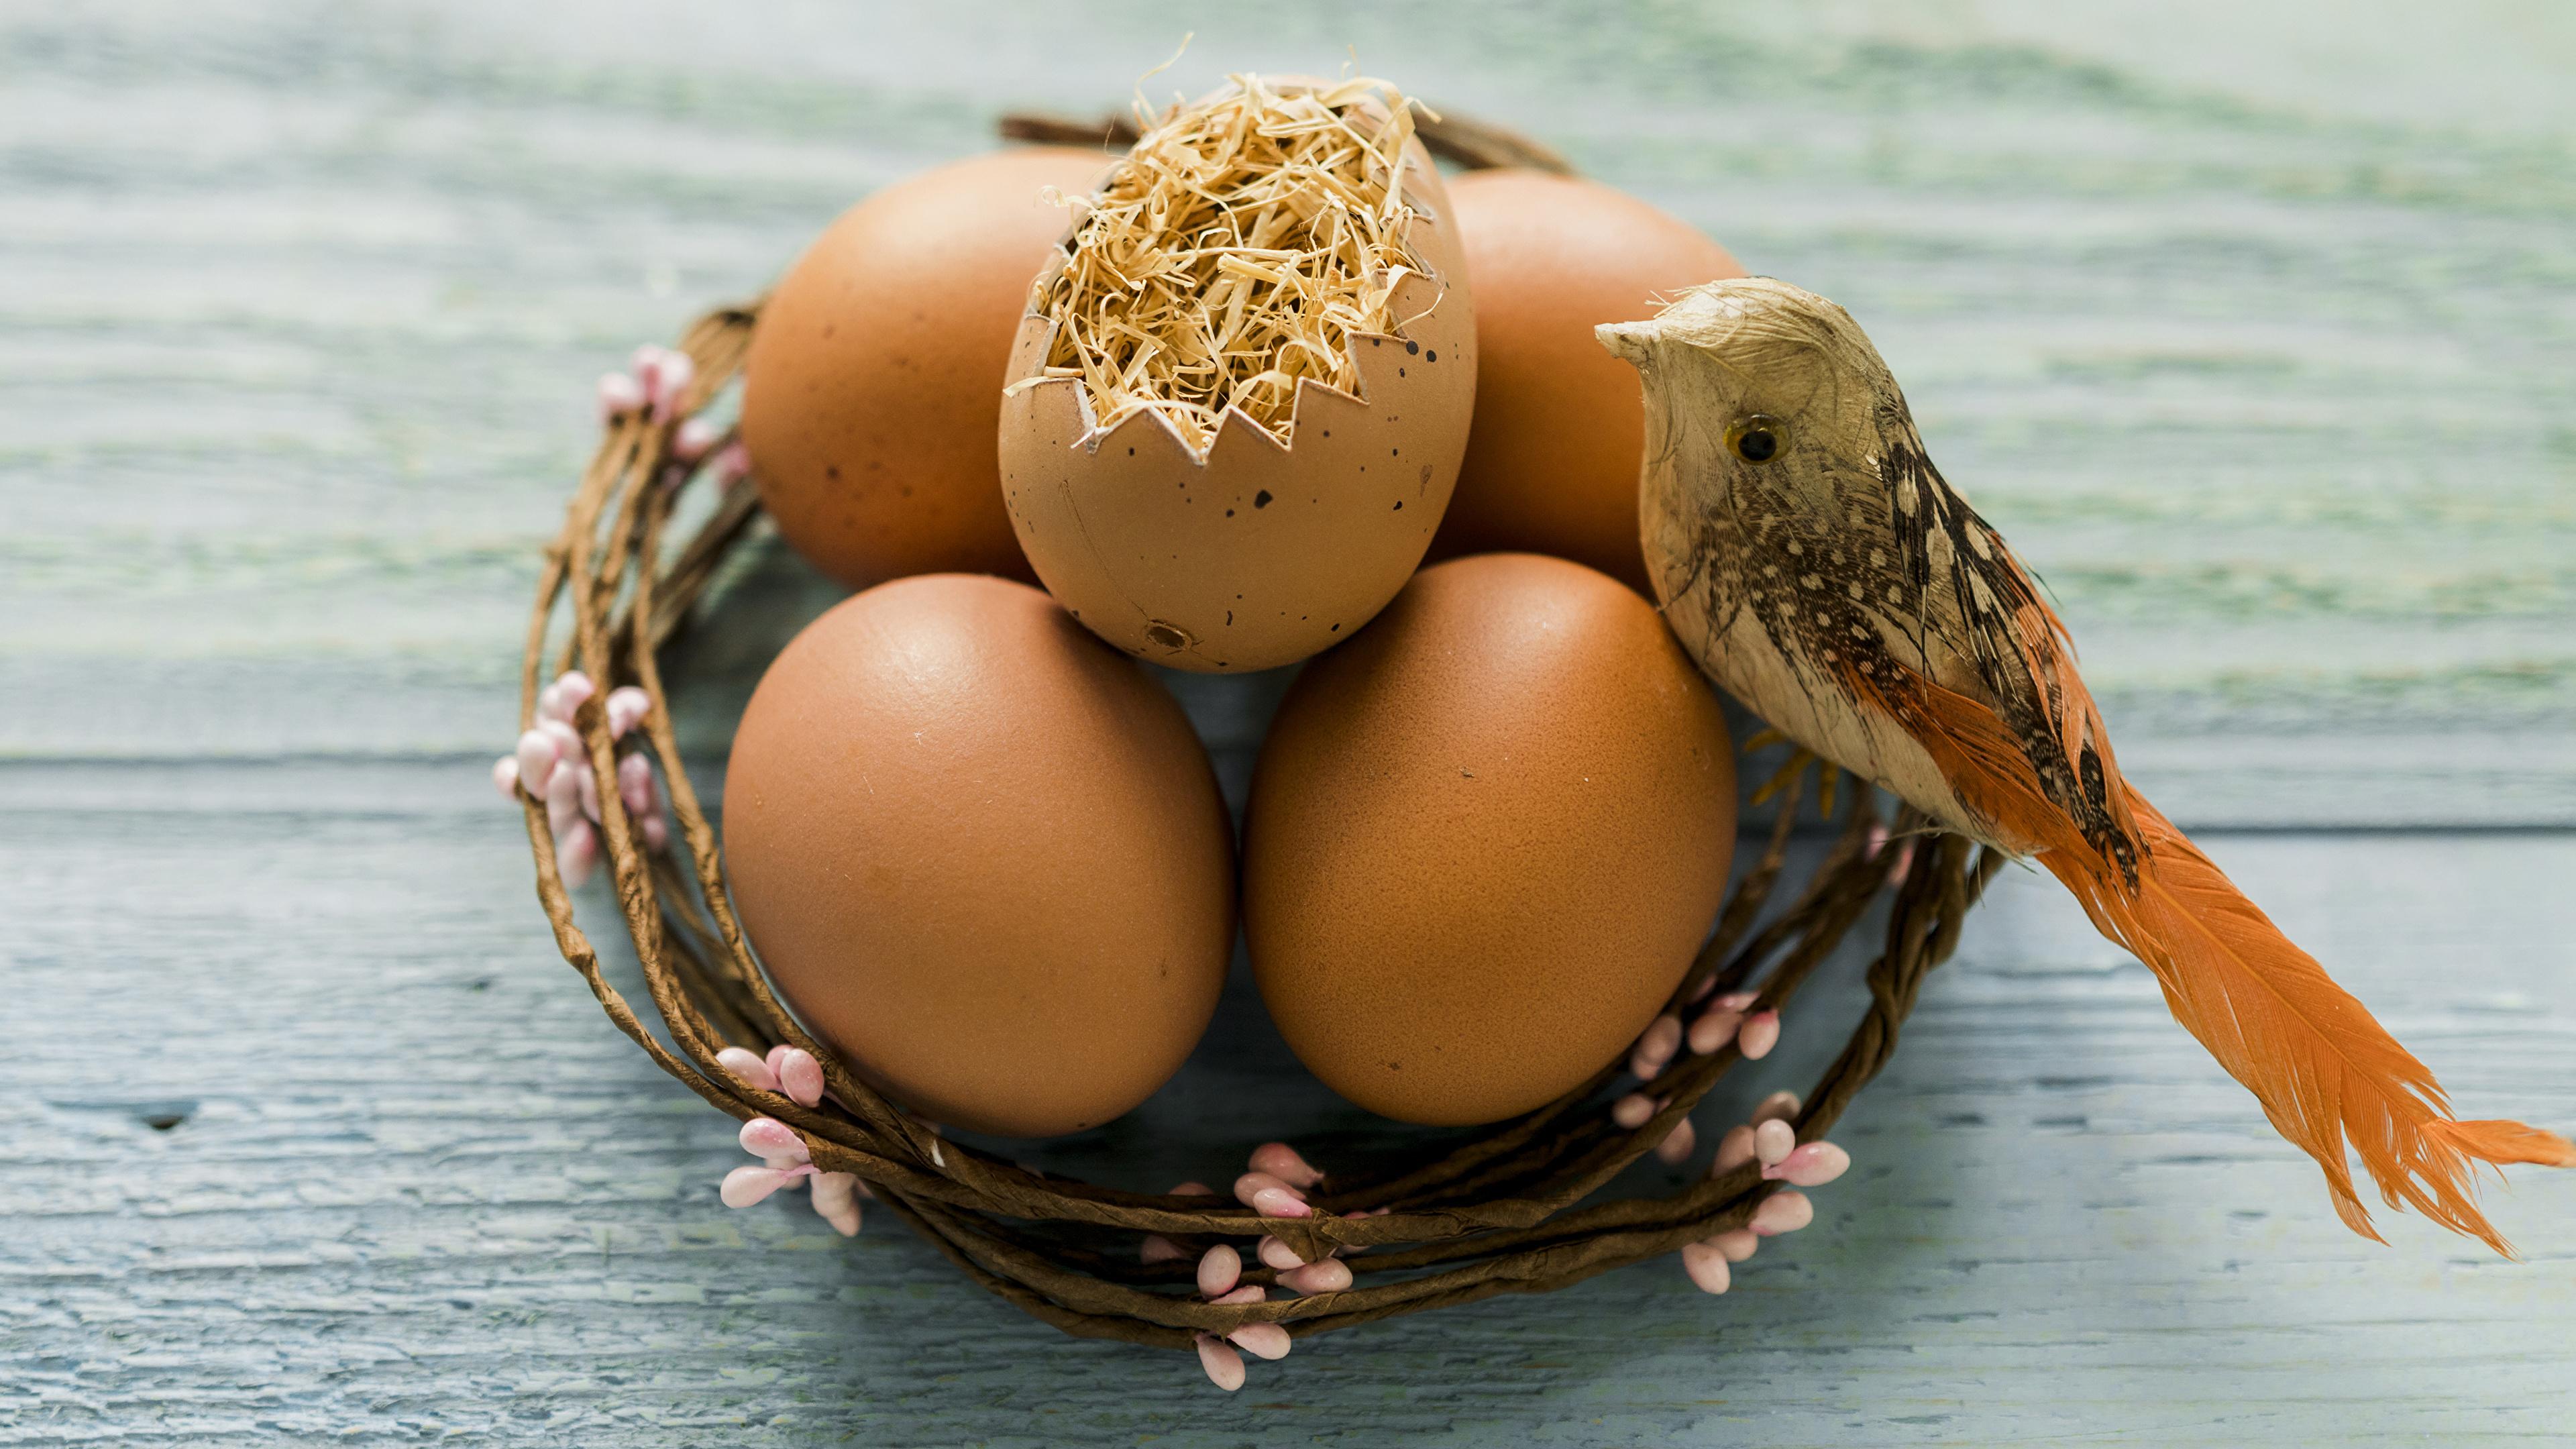 Фото Пасха Птицы яйцами гнезда Праздники Доски 3840x2160 птица яиц яйцо Яйца Гнездо гнезде